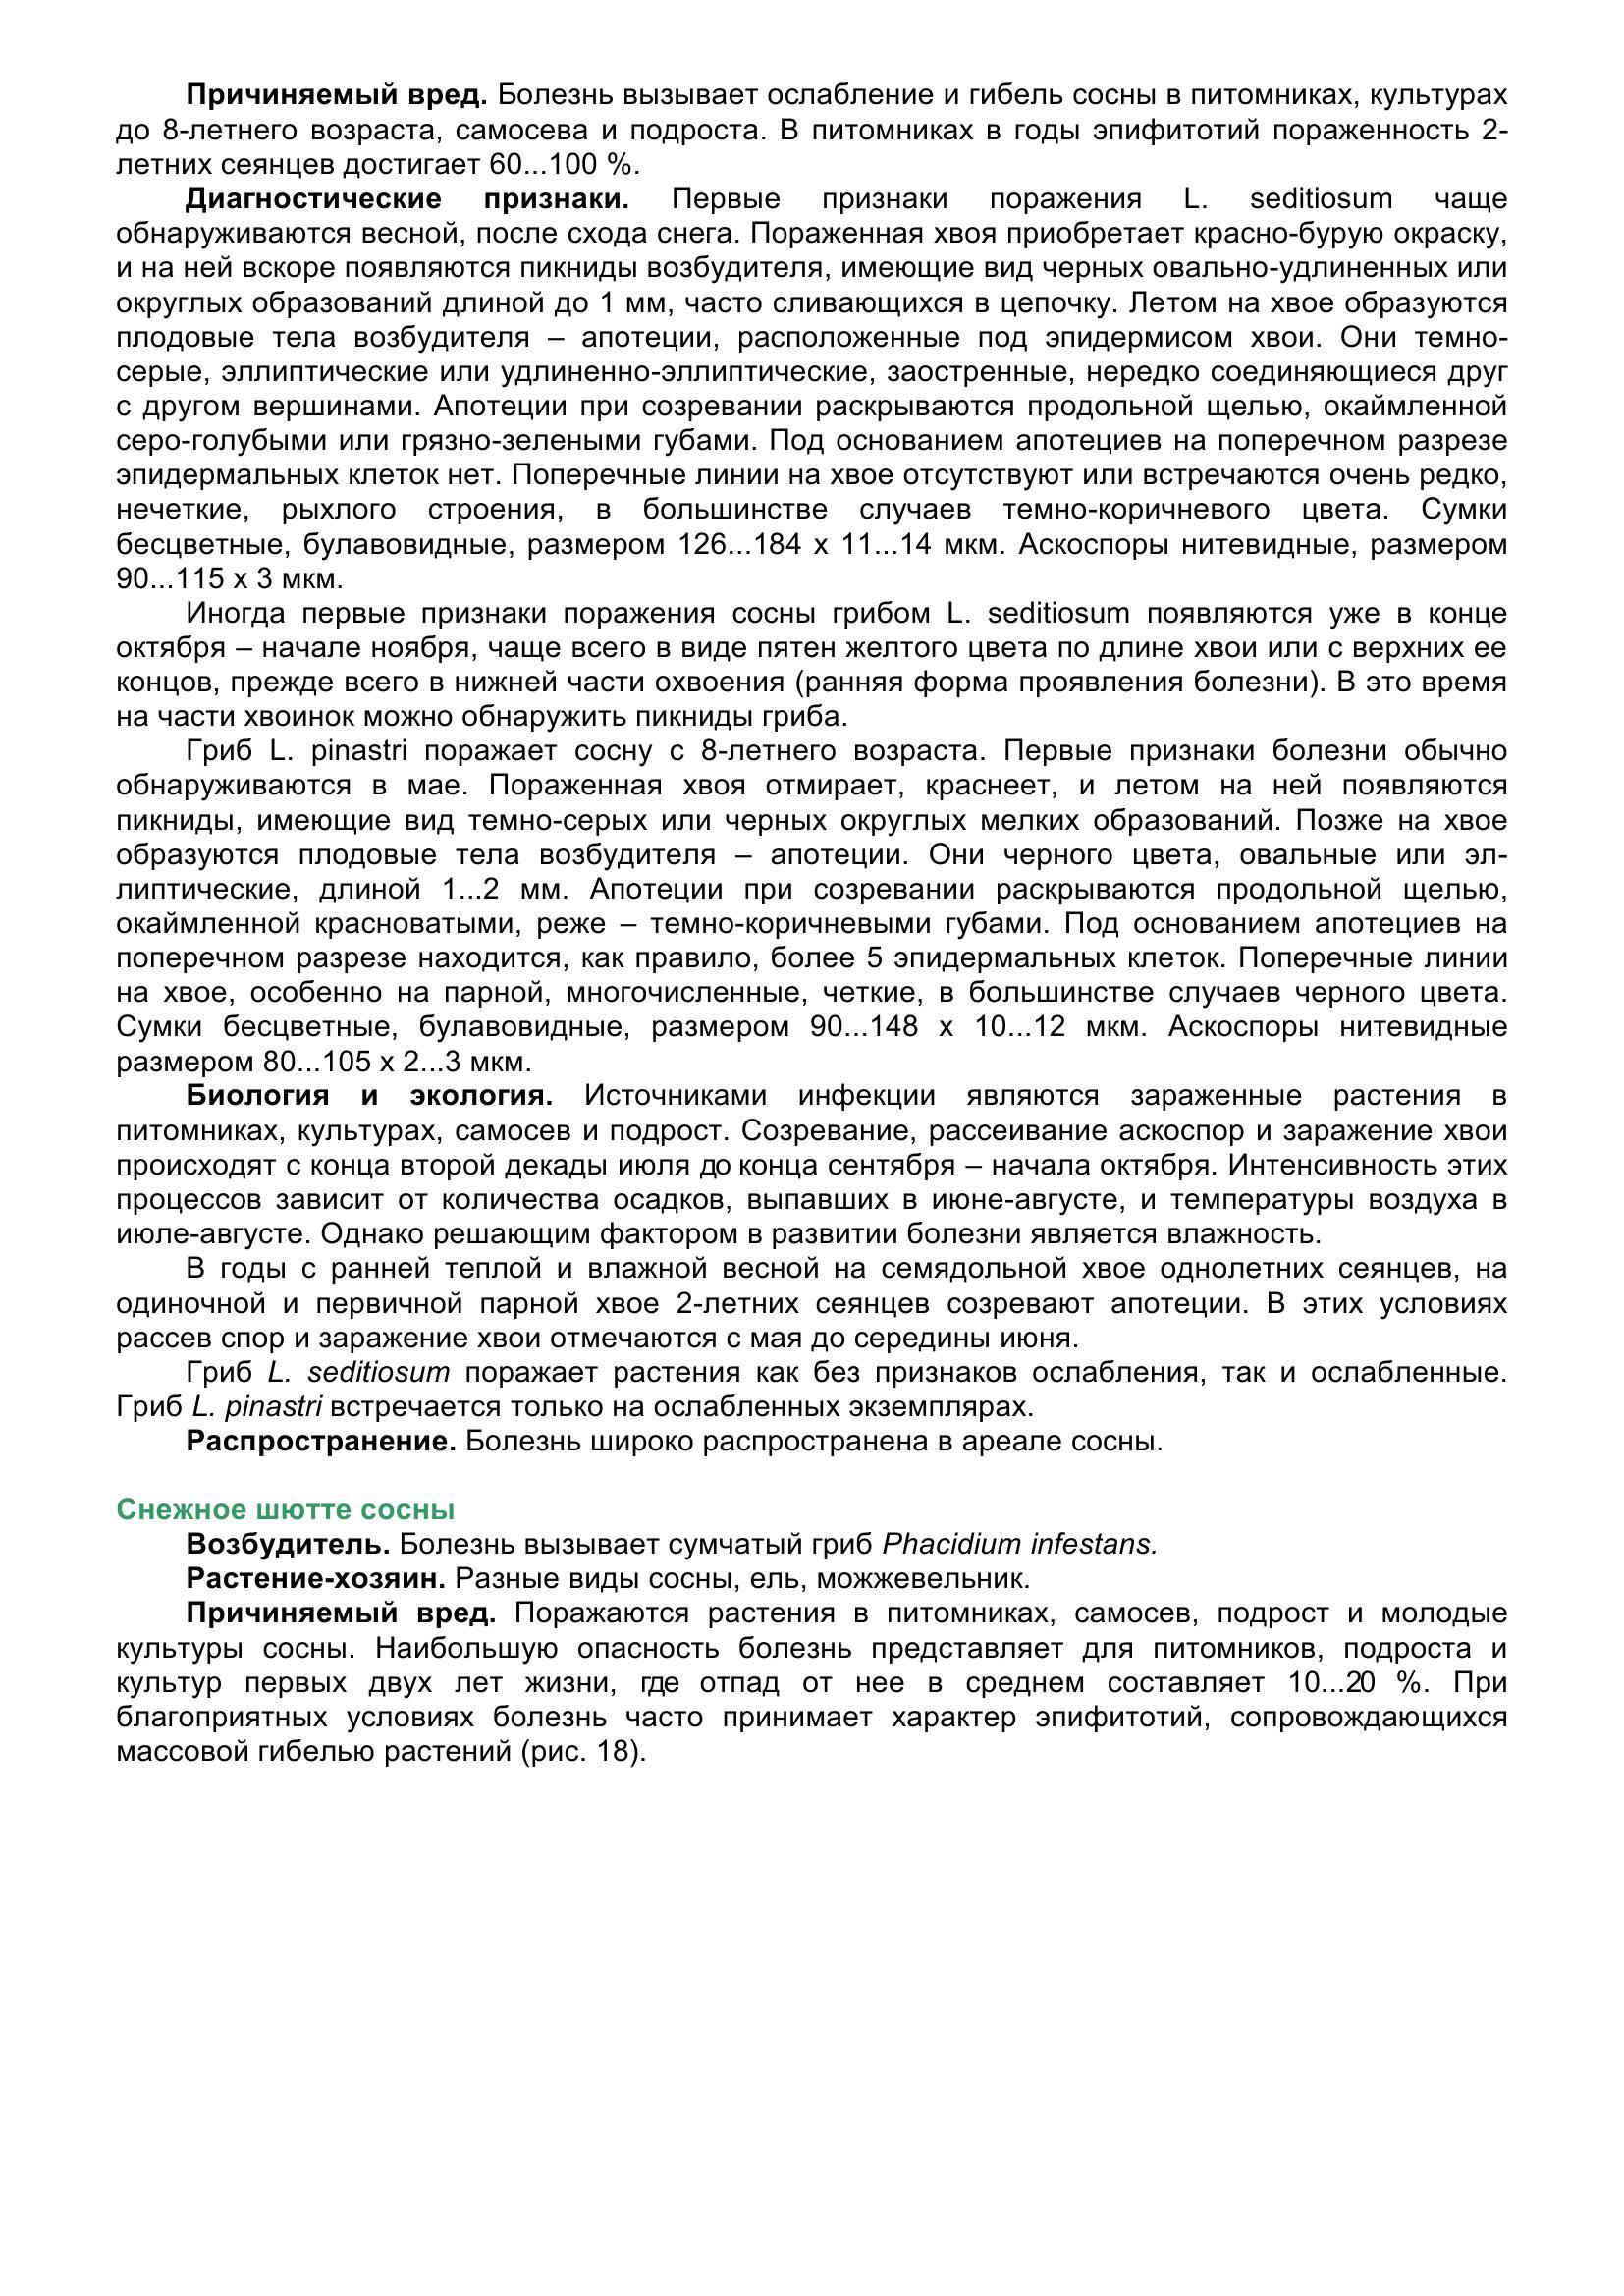 Болезни_древесных_растений_038.jpg